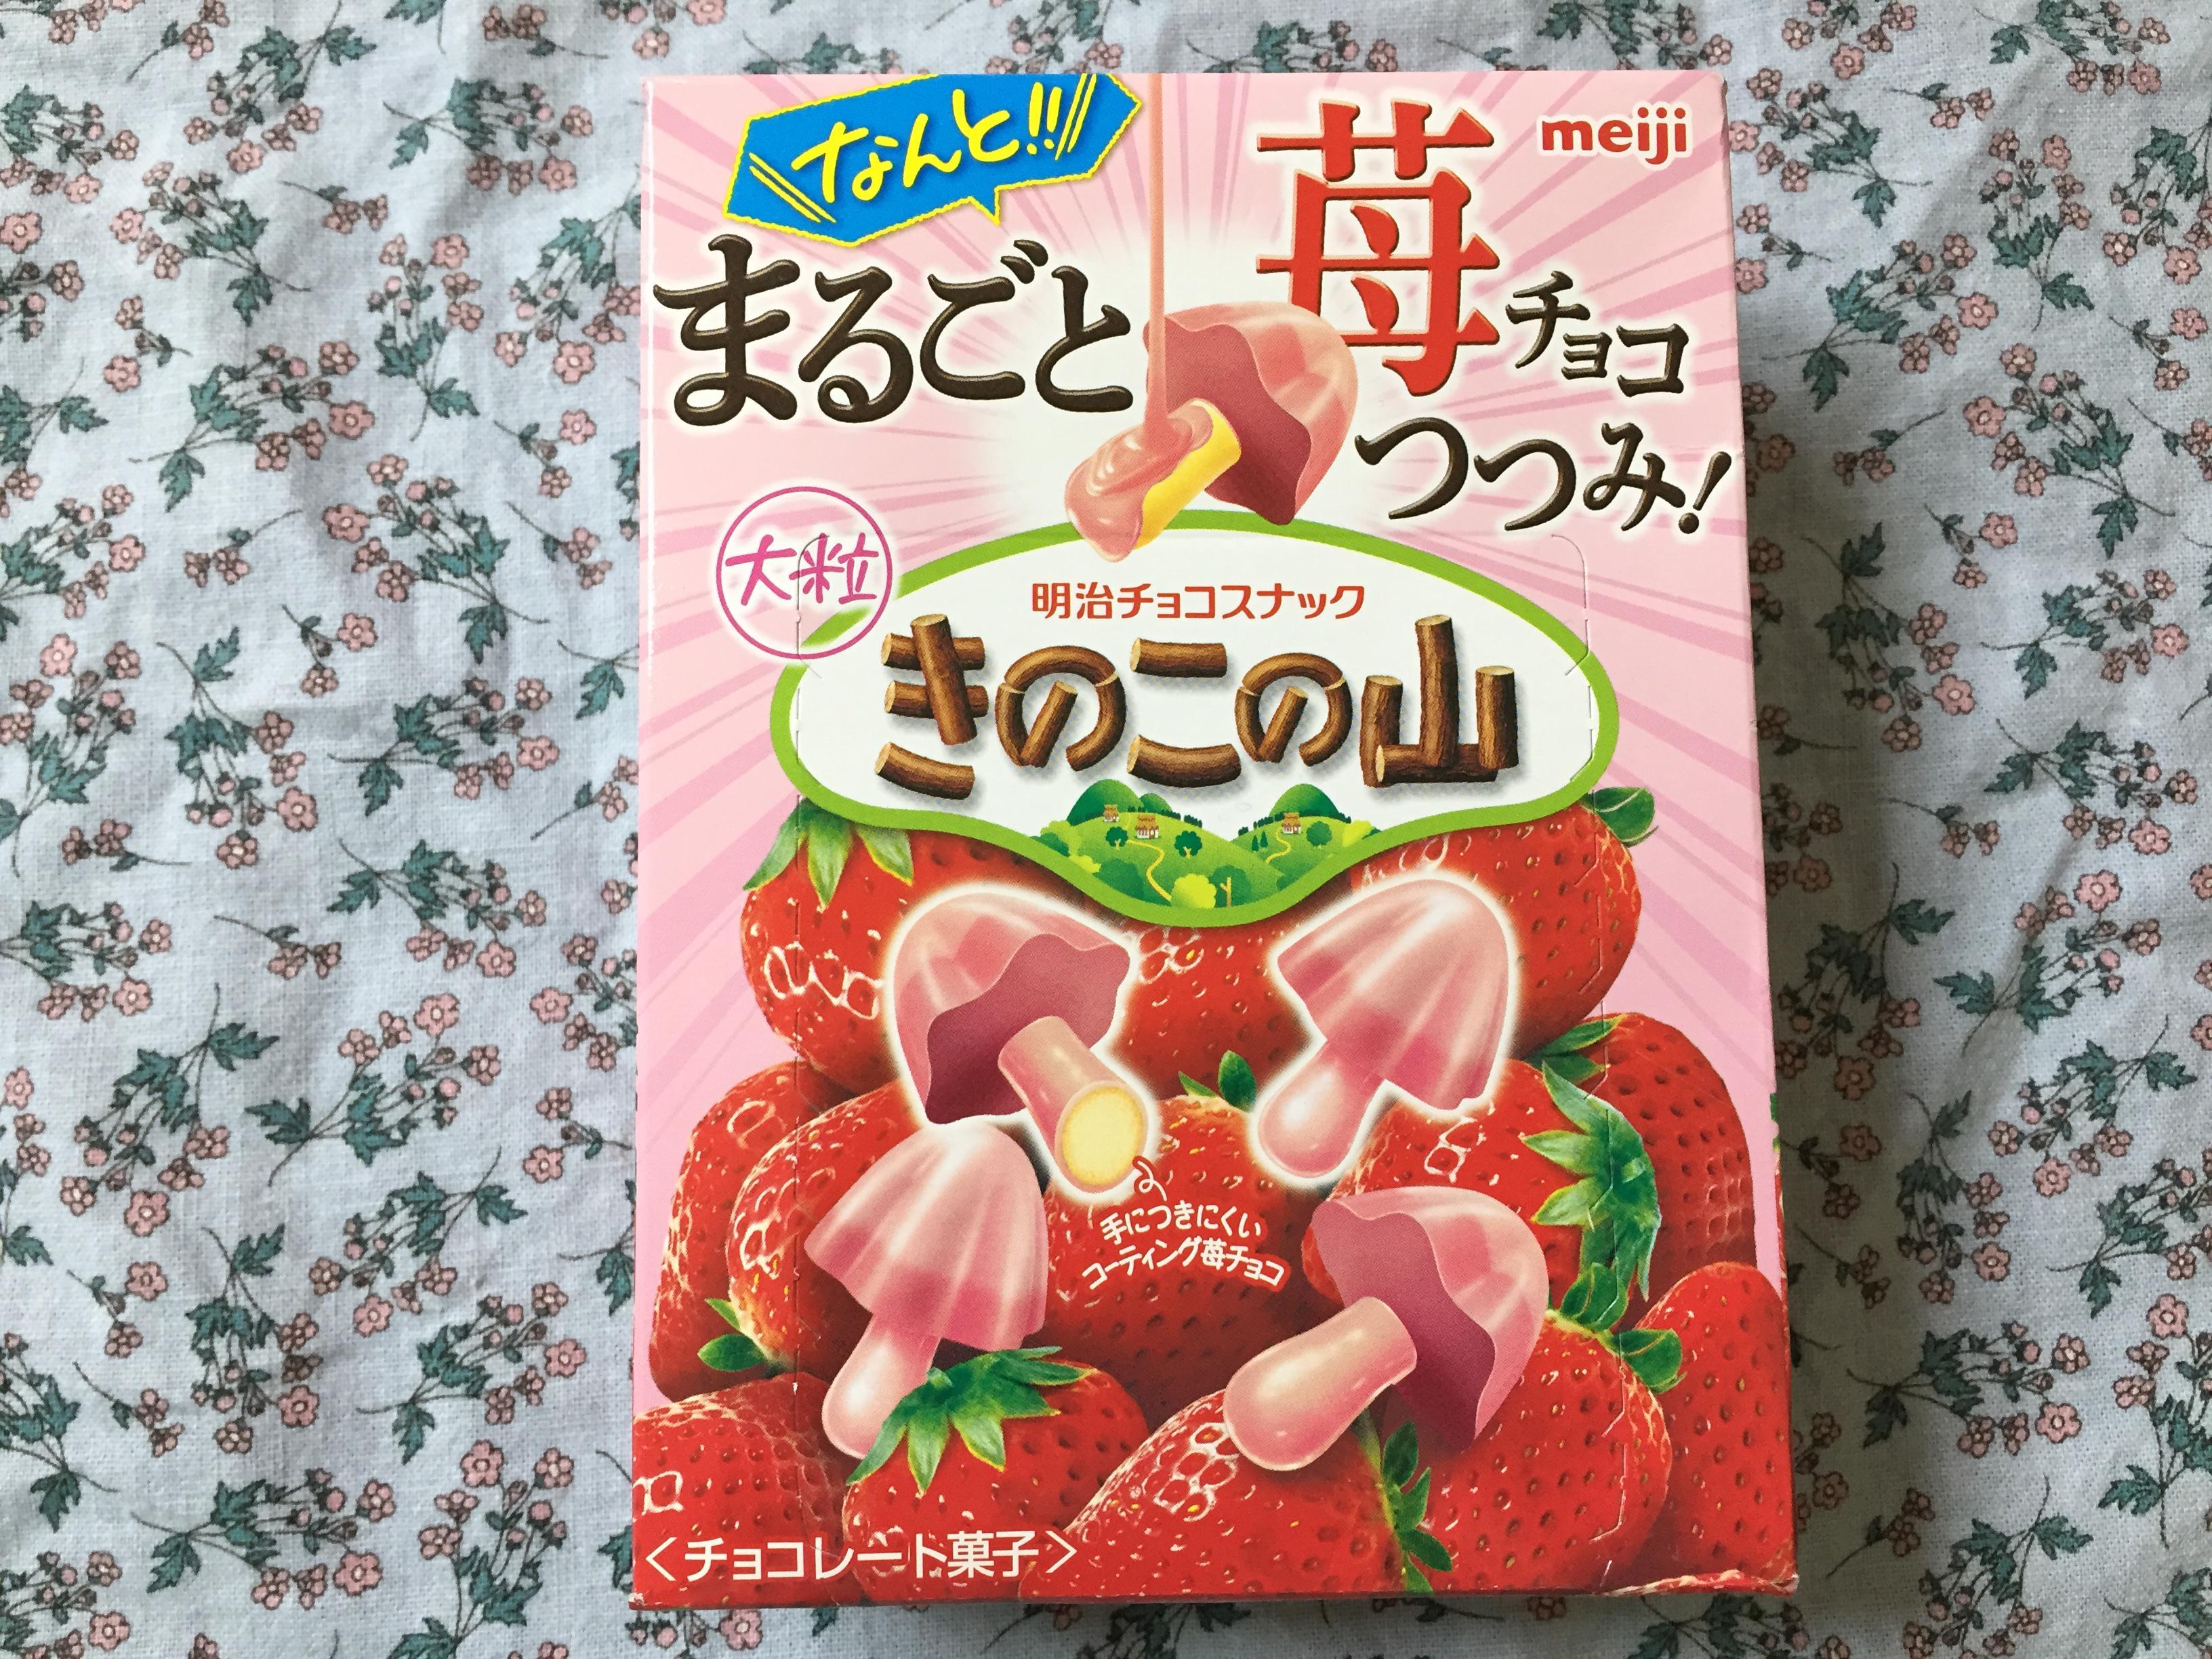 [meiji]まるごと苺チョコつつみ!きのこの山